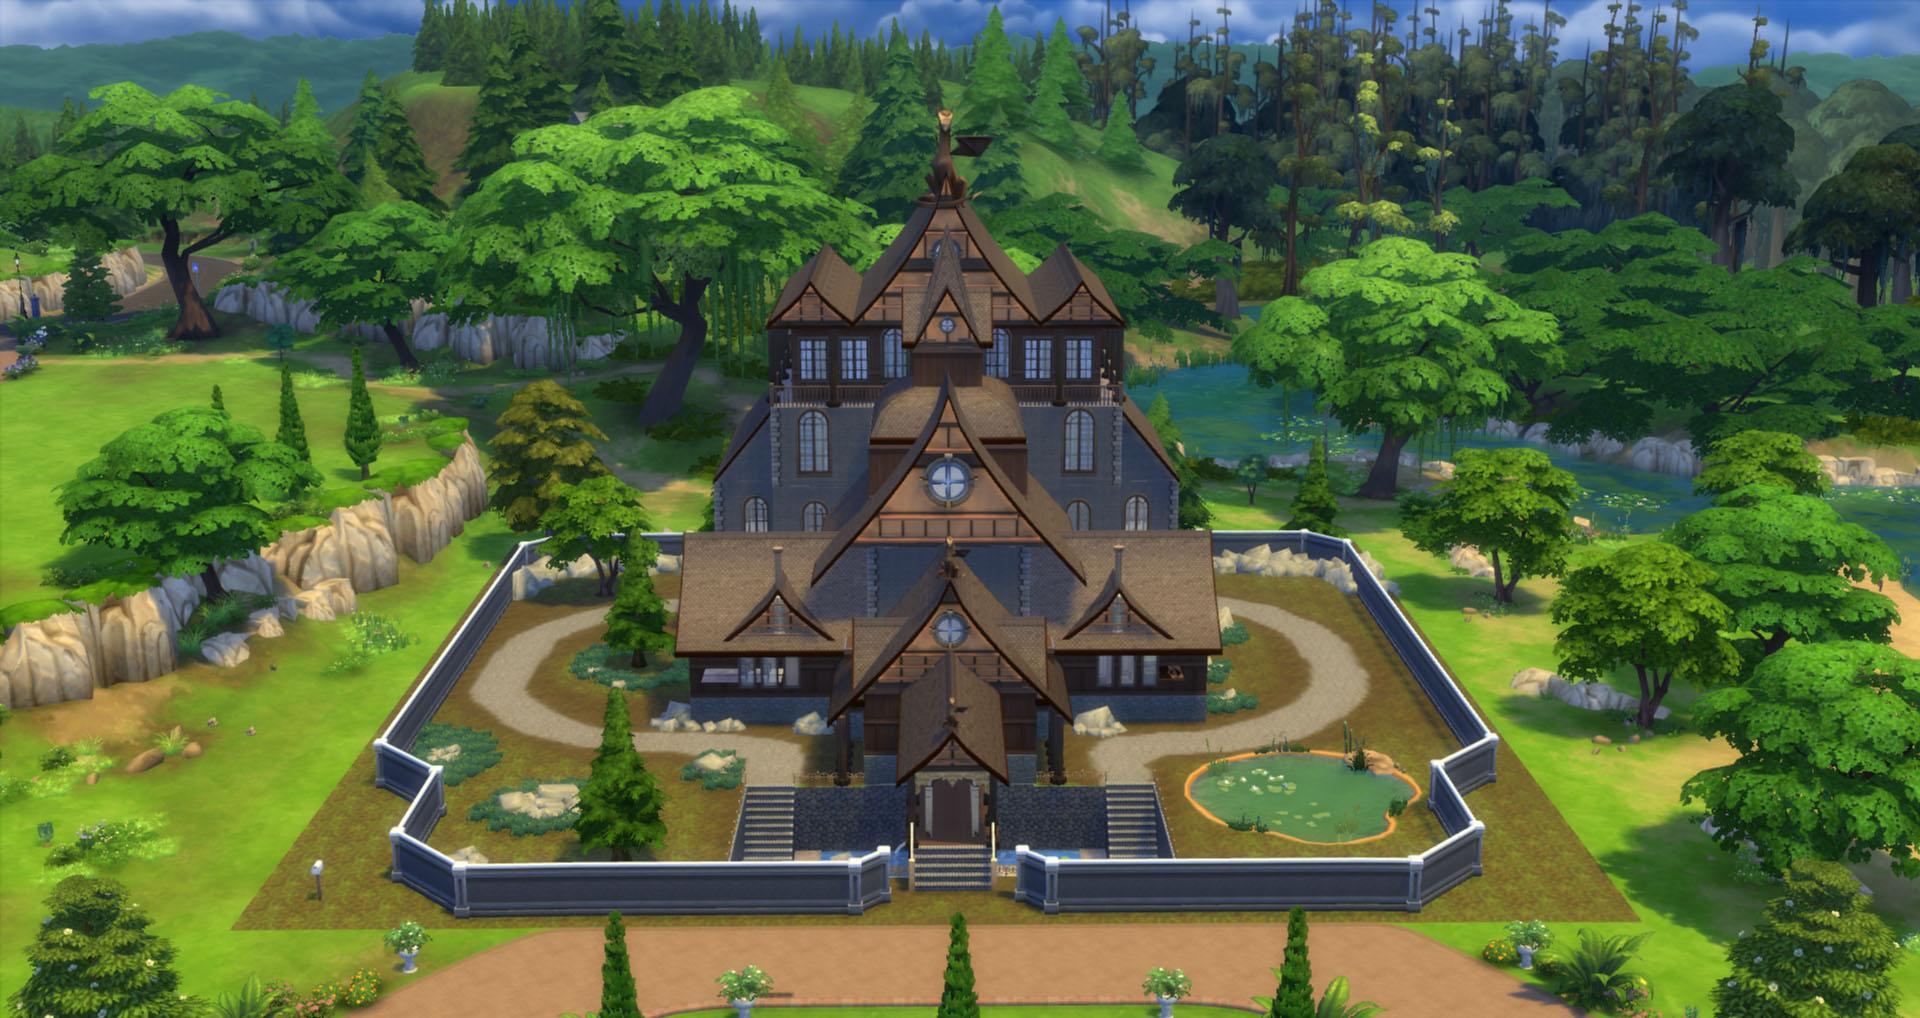 Skyrim Resources To Build A House